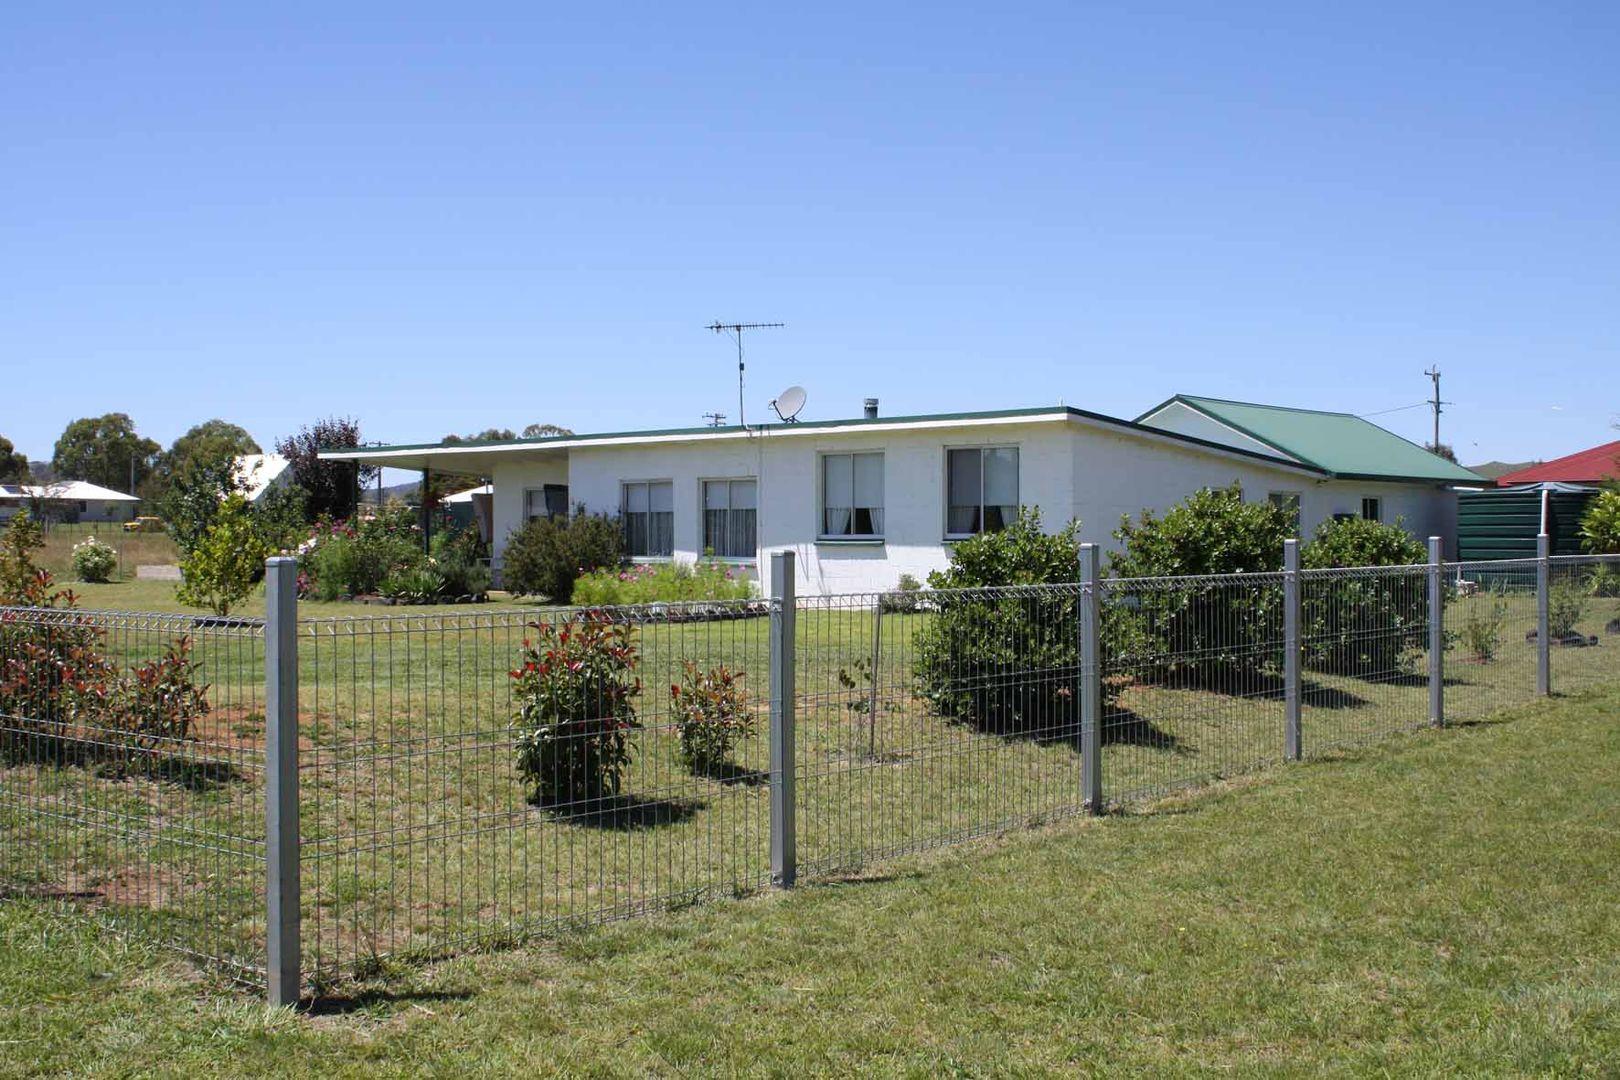 17 Camp, Glencoe NSW 2365, Image 0